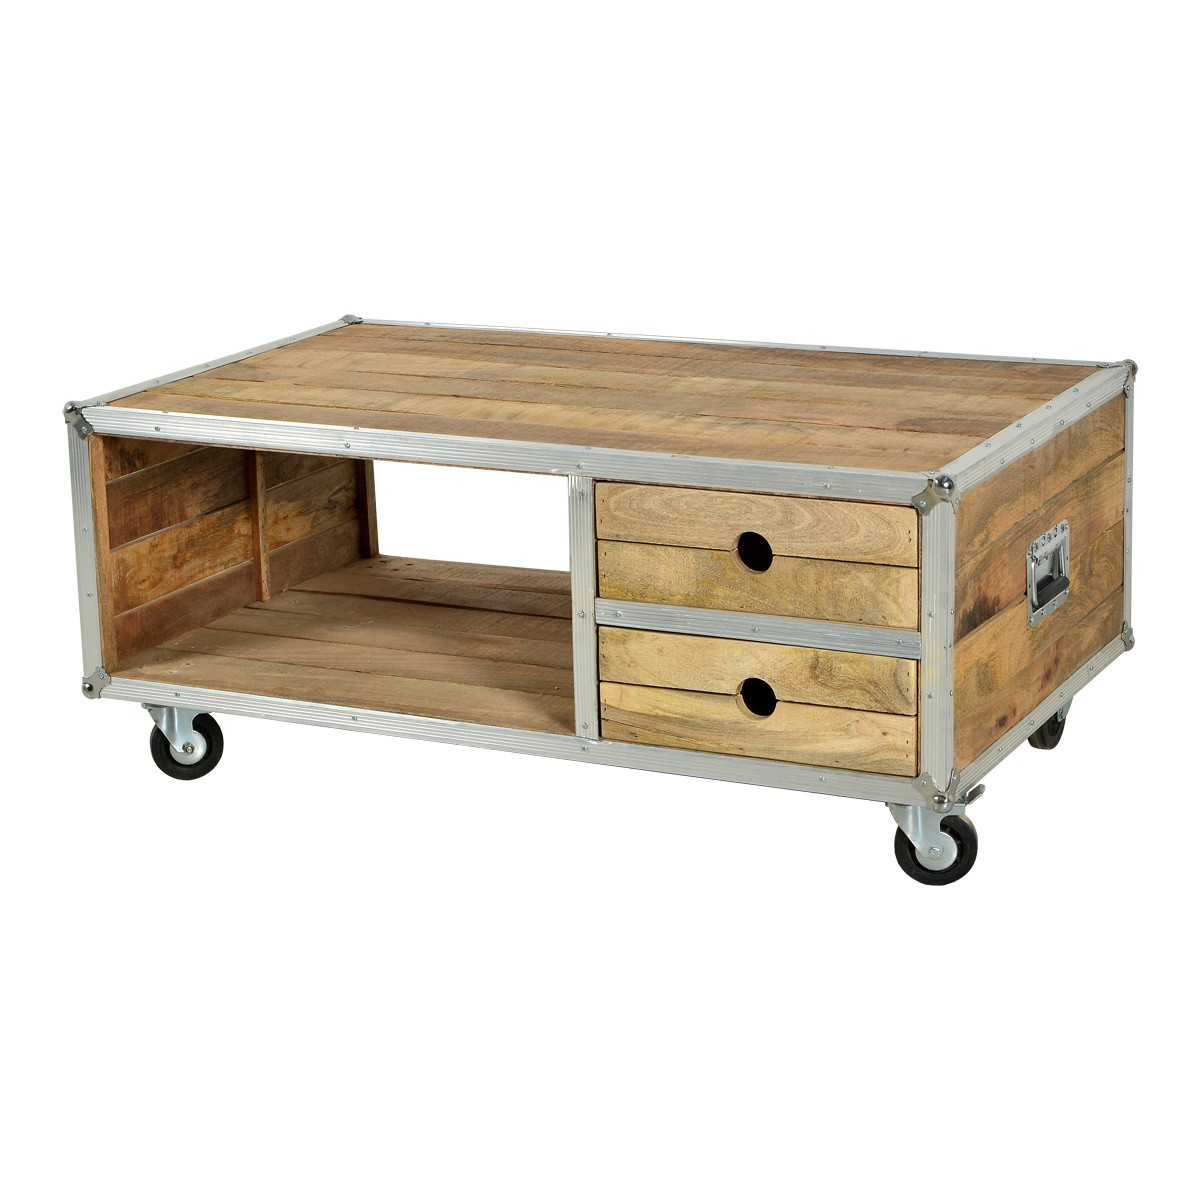 couchtisch wohnzimmertisch stubentisch auf rollen in mango massiv und aluminium ebay. Black Bedroom Furniture Sets. Home Design Ideas